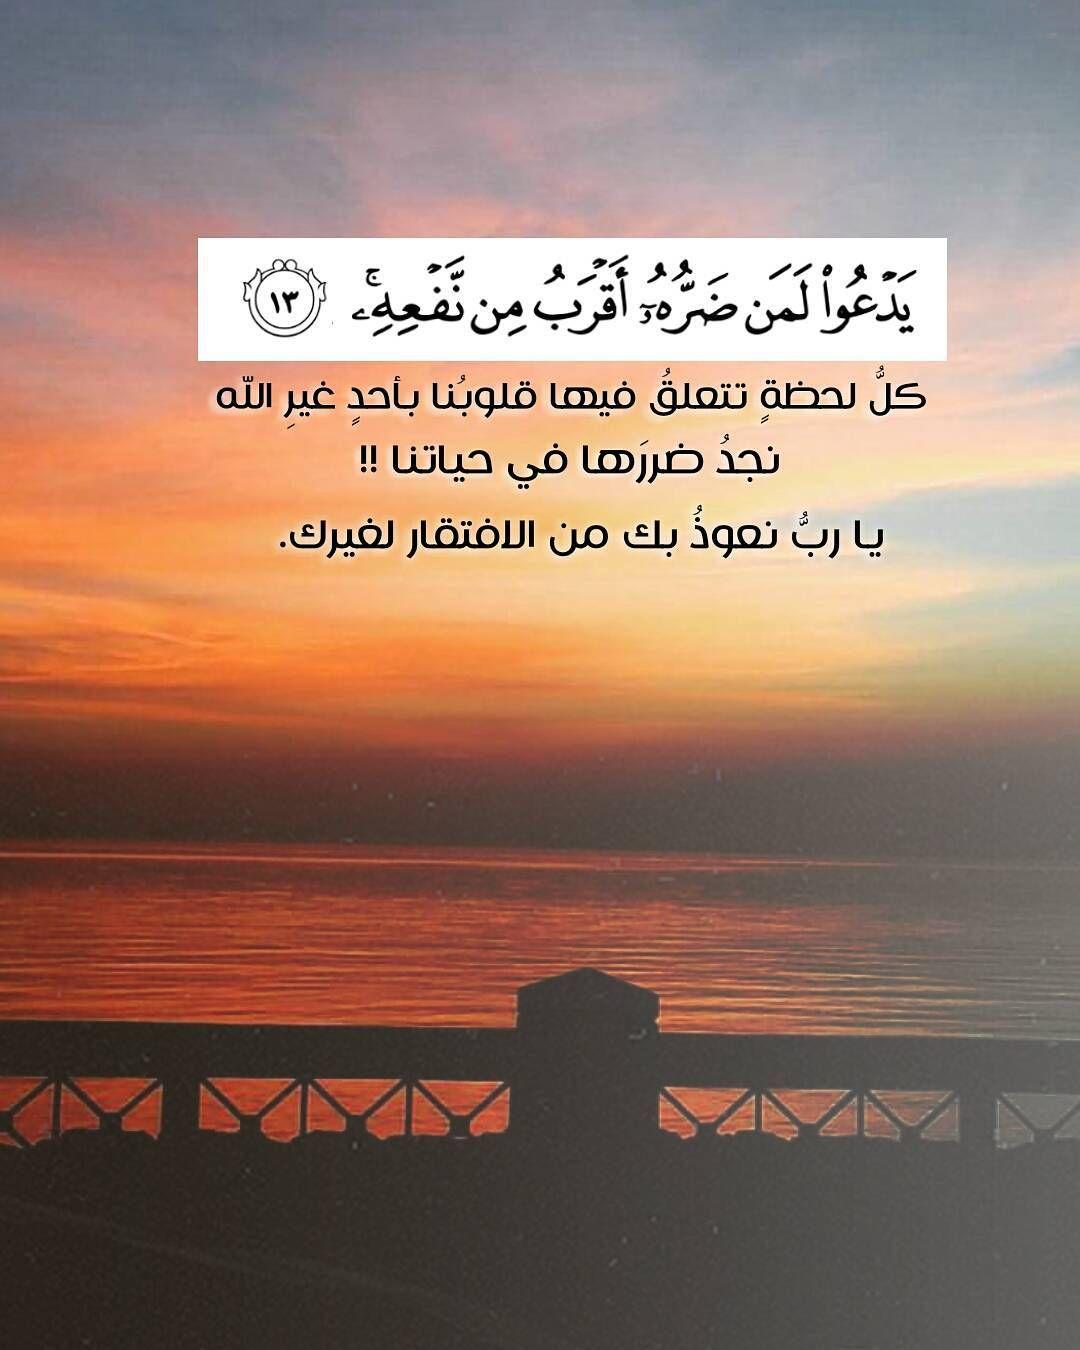 آية و حكمة On Instagram يدعو ل م ن ض ر ه أقرب من نفعه كل لحظة تتعلق فيها قلوب نا Quran Verses Quran Quotes Inspirational Quran Quotes Verses